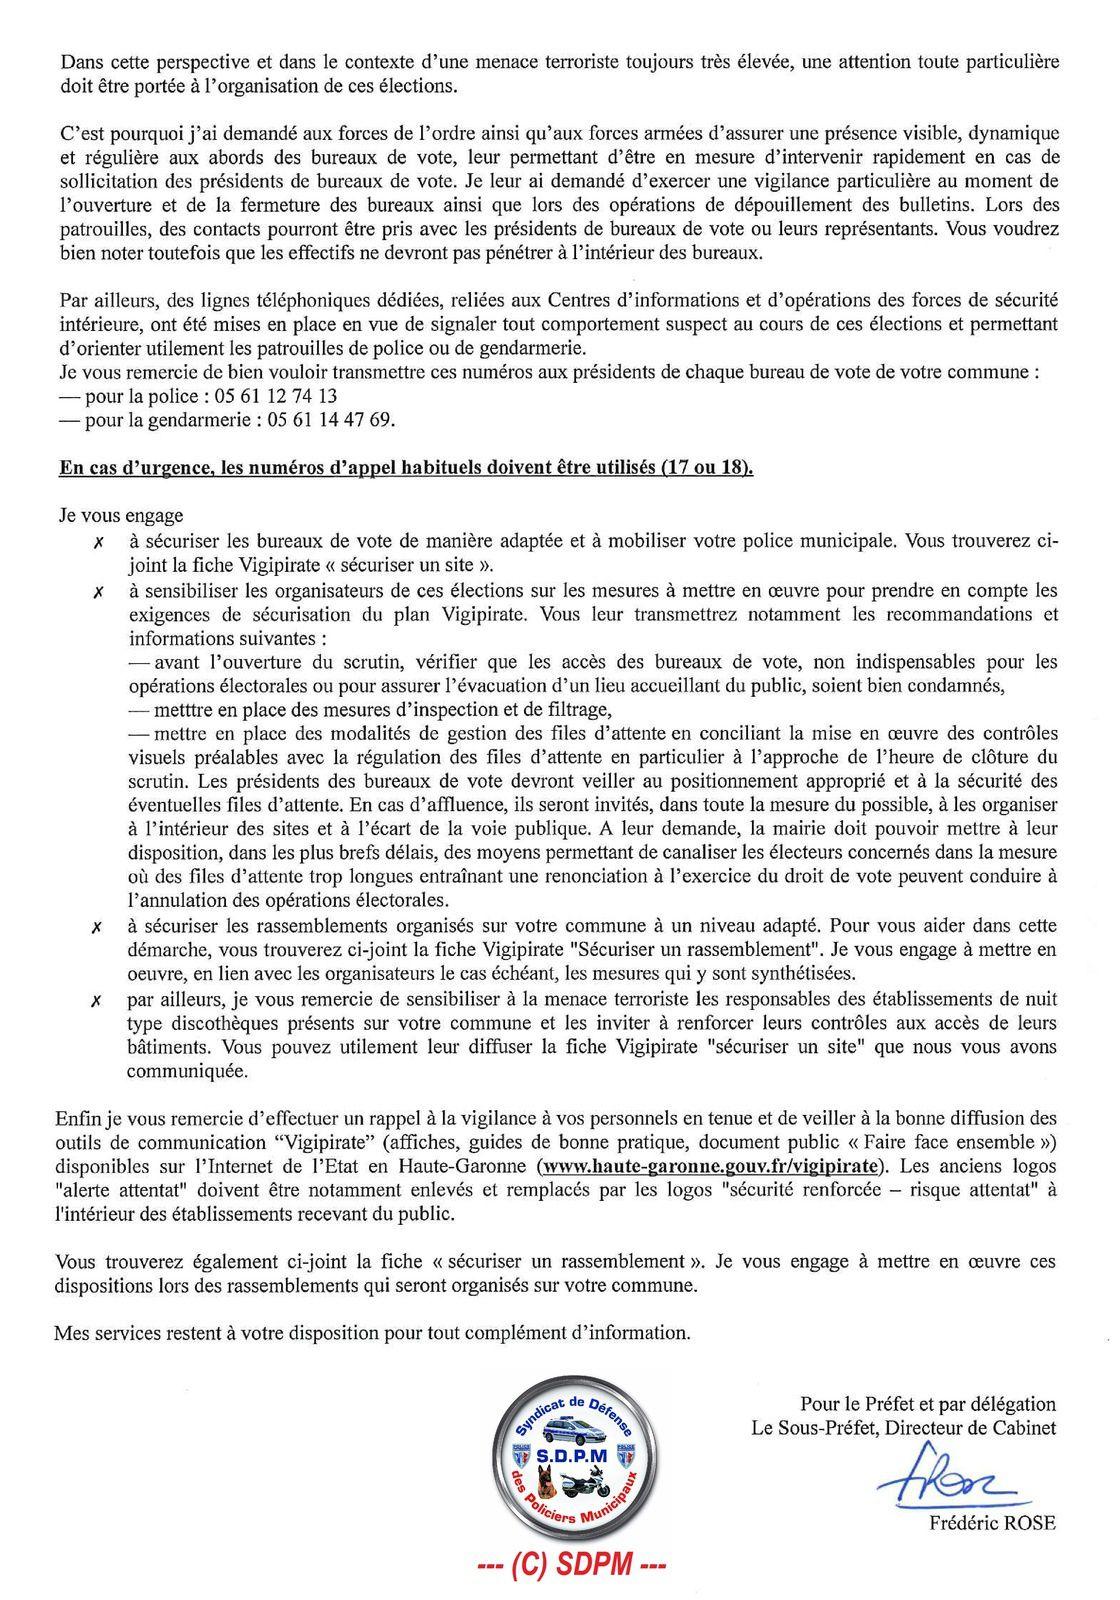 2nd tour : Vigipirate / Sécurisation des Bureaux de Vote